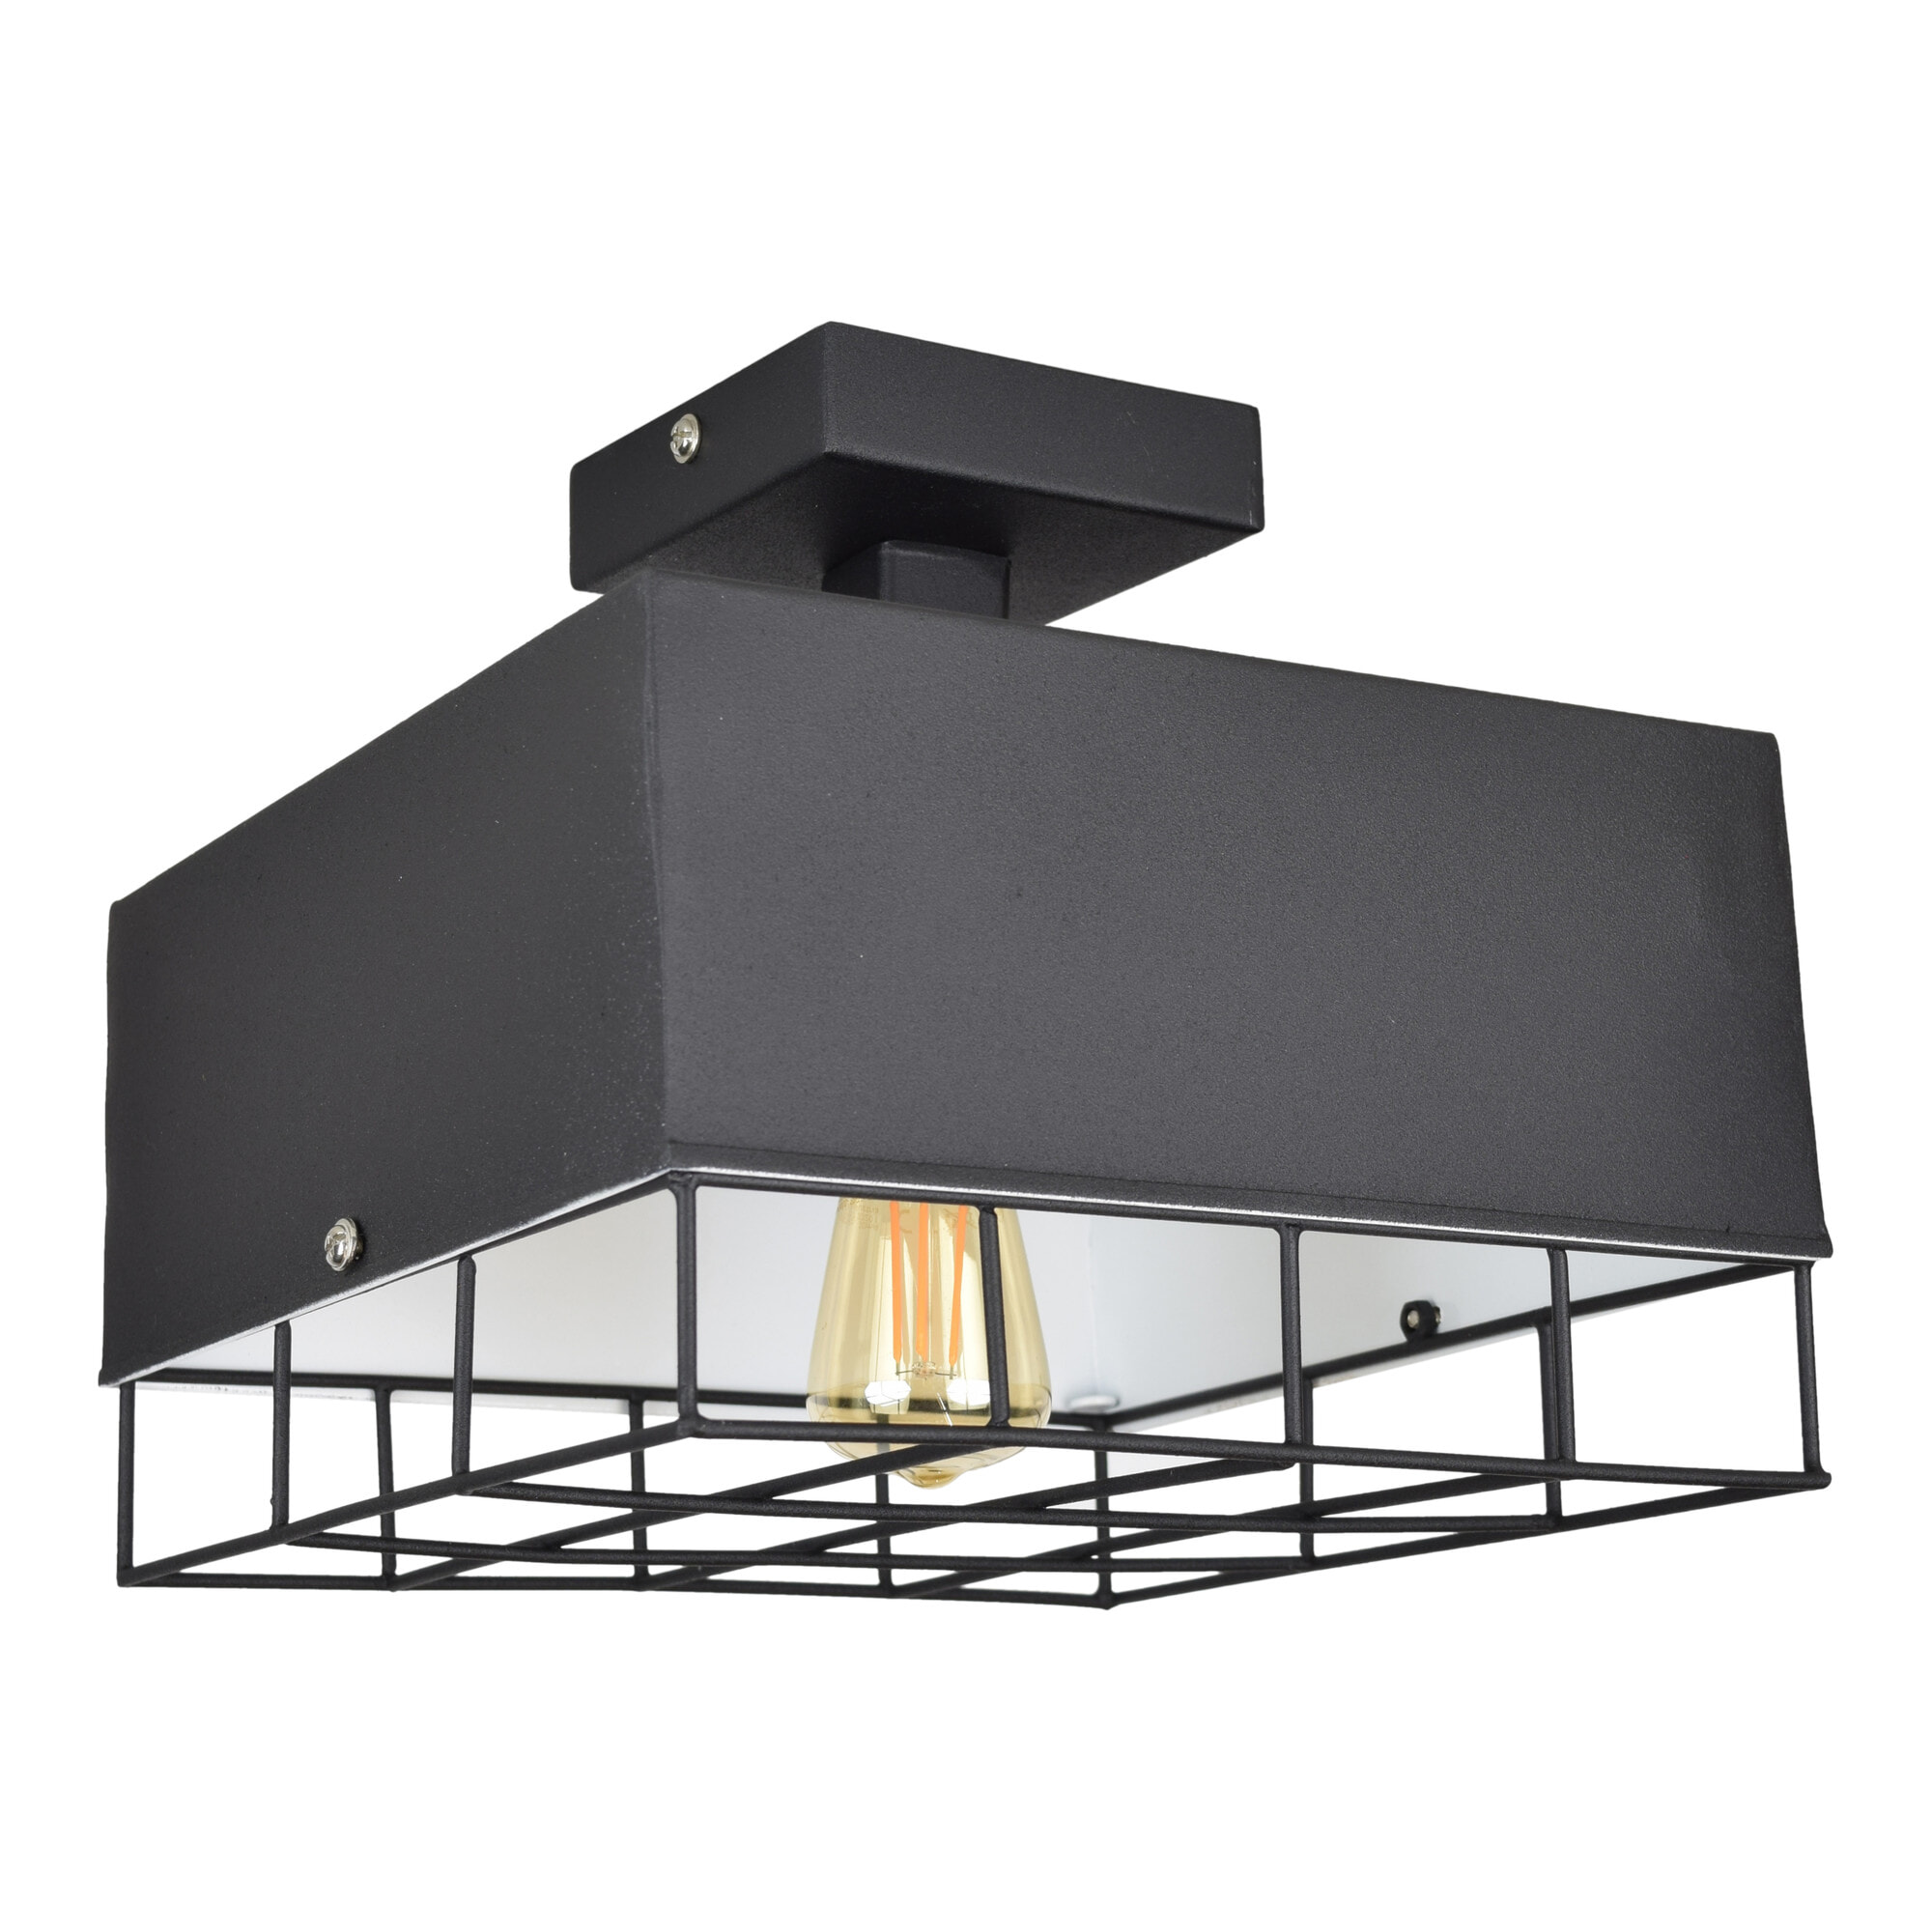 Urban Interiors plafondlamp 'Cage', kleur Vintage Black  vergelijken doe je het voordeligst hier bij Meubelpartner